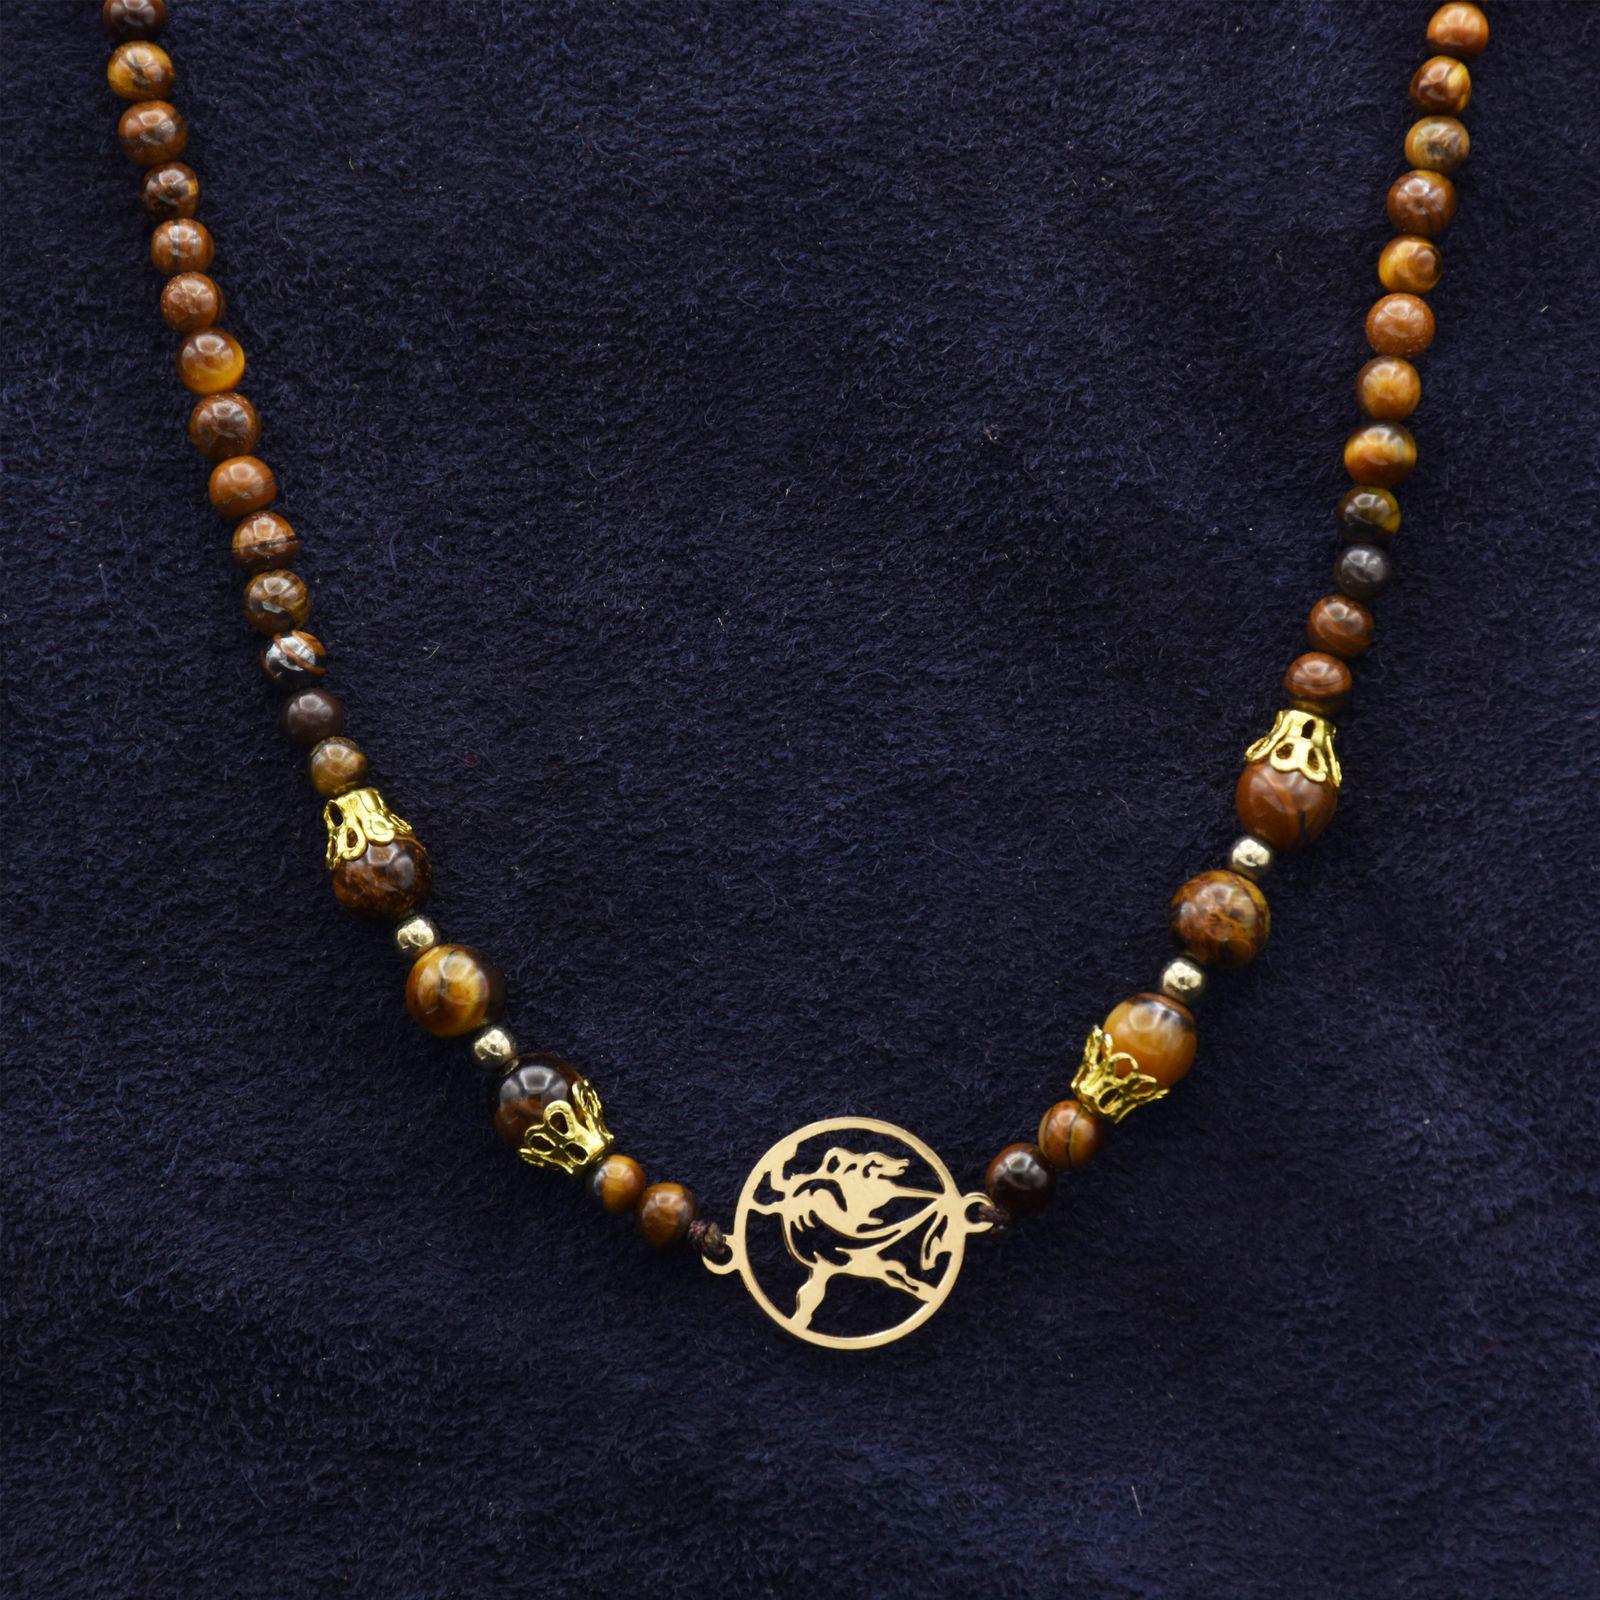 گردنبند طلا 18 عیار زنانه آمانژ کد 895D3385 -  - 1